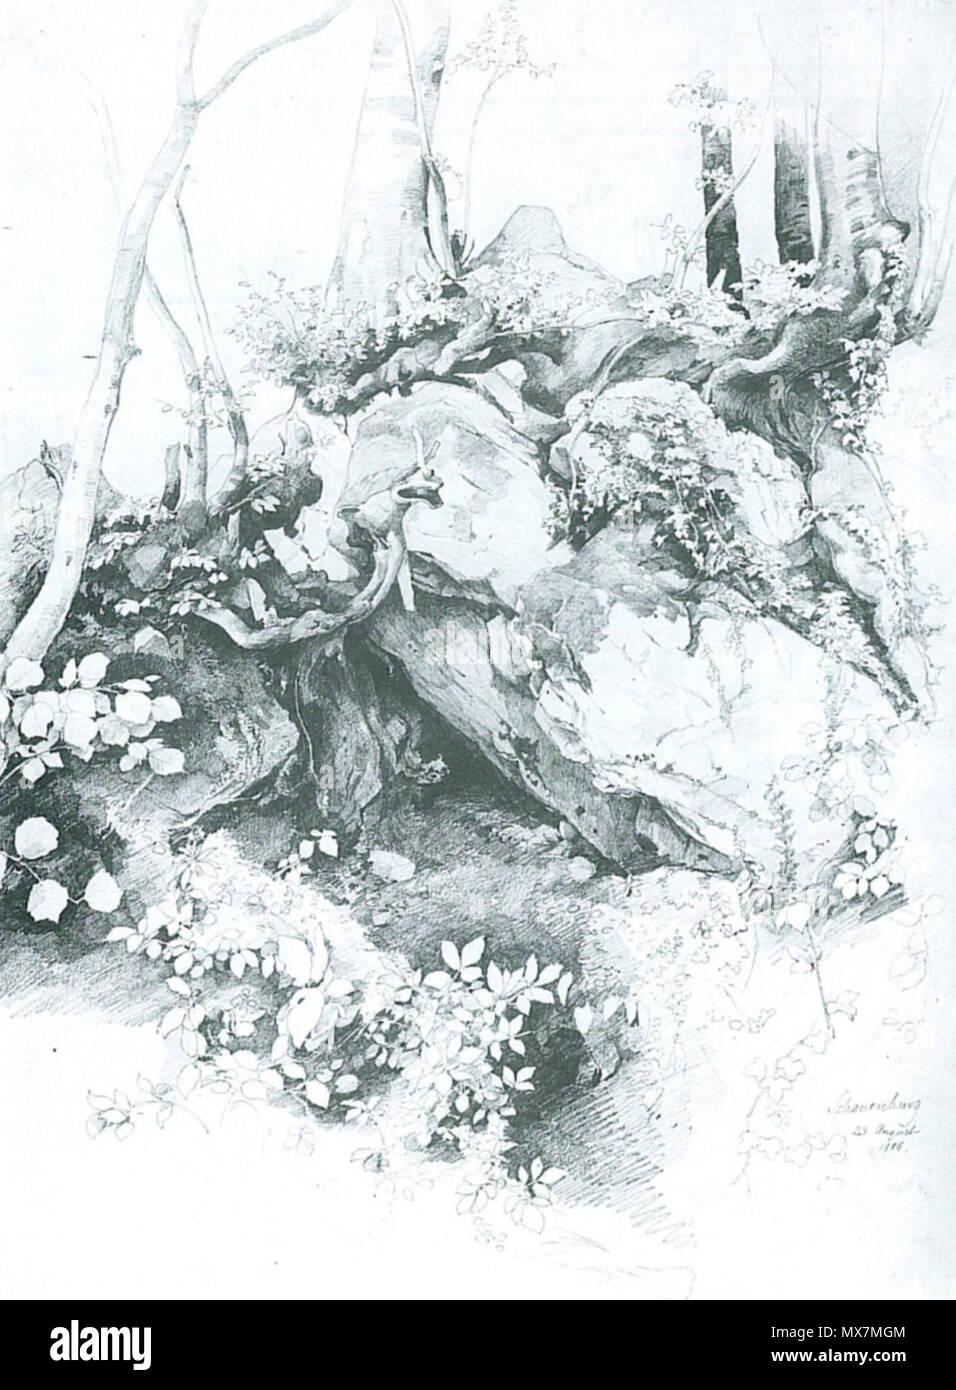 . Deutsch: Edmund Kanoldt: Vordergrundstudie, Schauenburg. 50,5 × 35,9 cm. Bleistift auf Papier. La Kunsthalle di Mannheim . circa 1886. Edmund Kanoldt (1845-1904) 178 Edmund Kanoldt Vordergrundstudie Schauenburg Immagini Stock